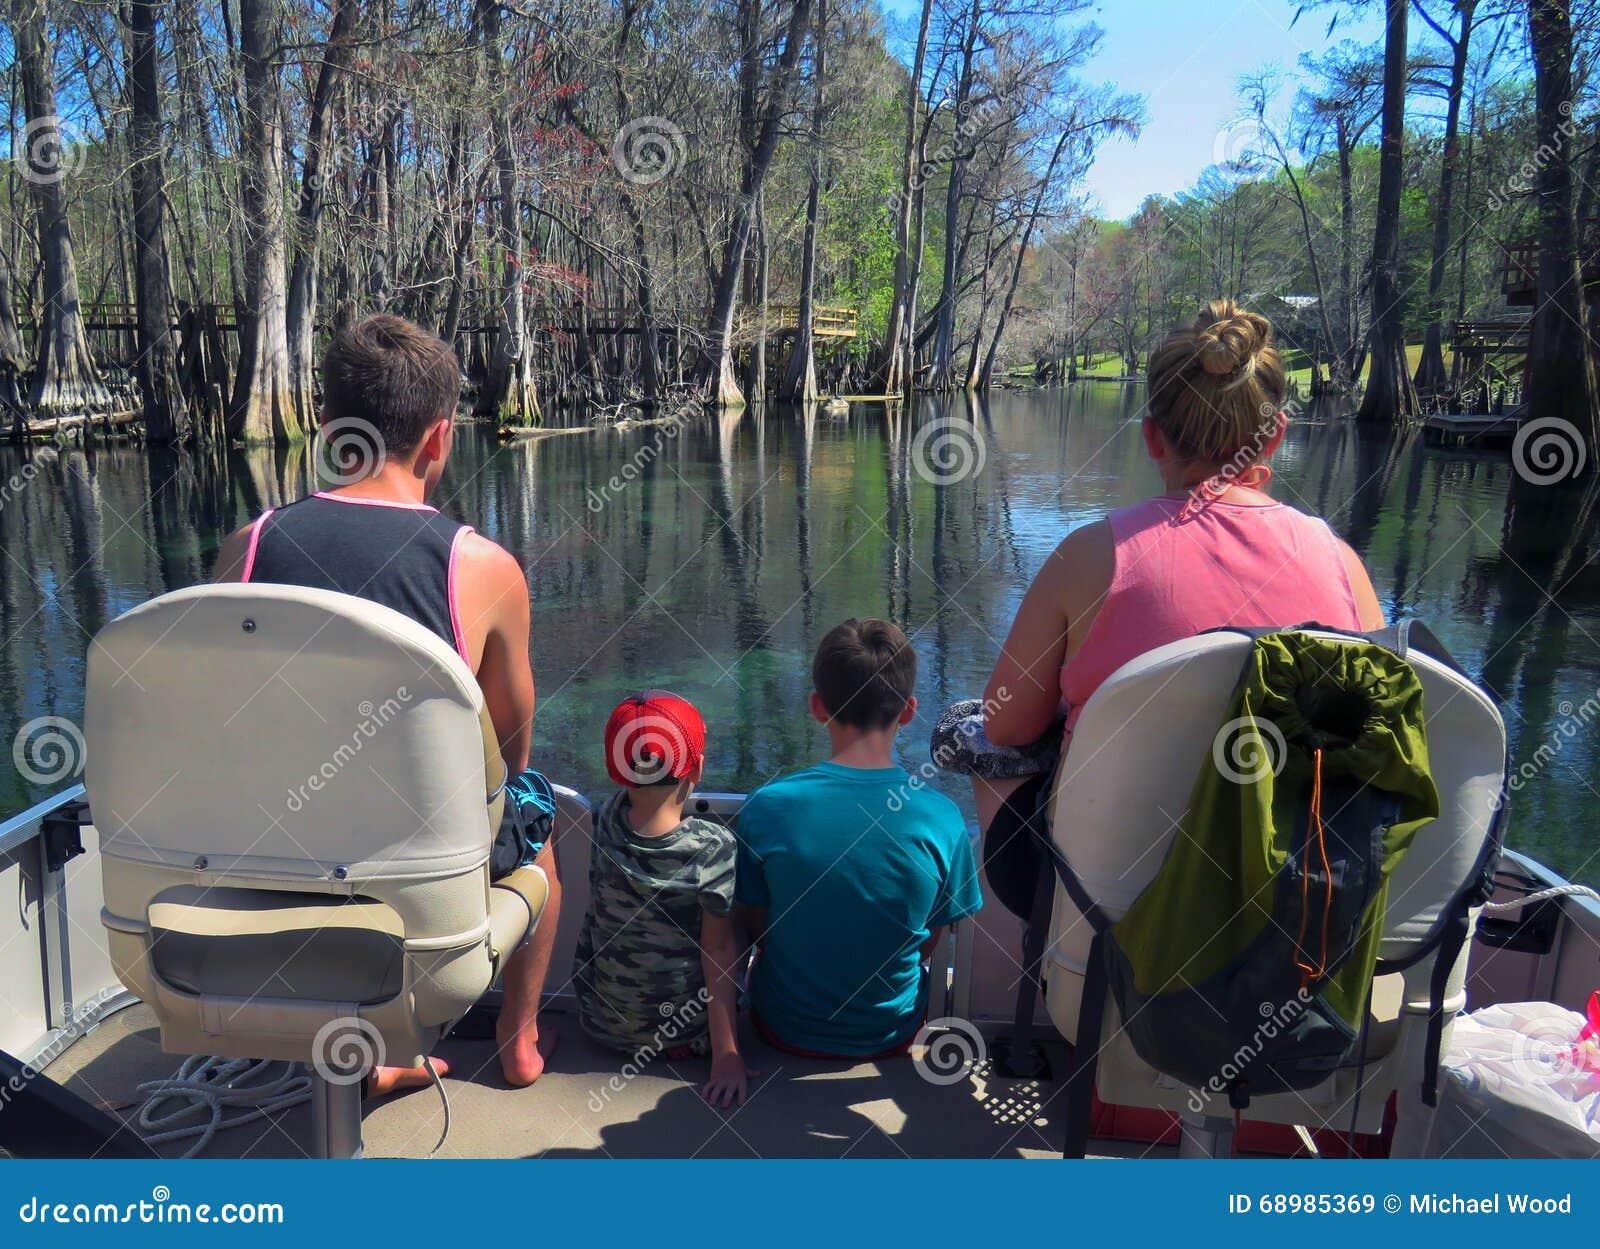 Canotaje el pontón de la familia - río de Ichetucknee